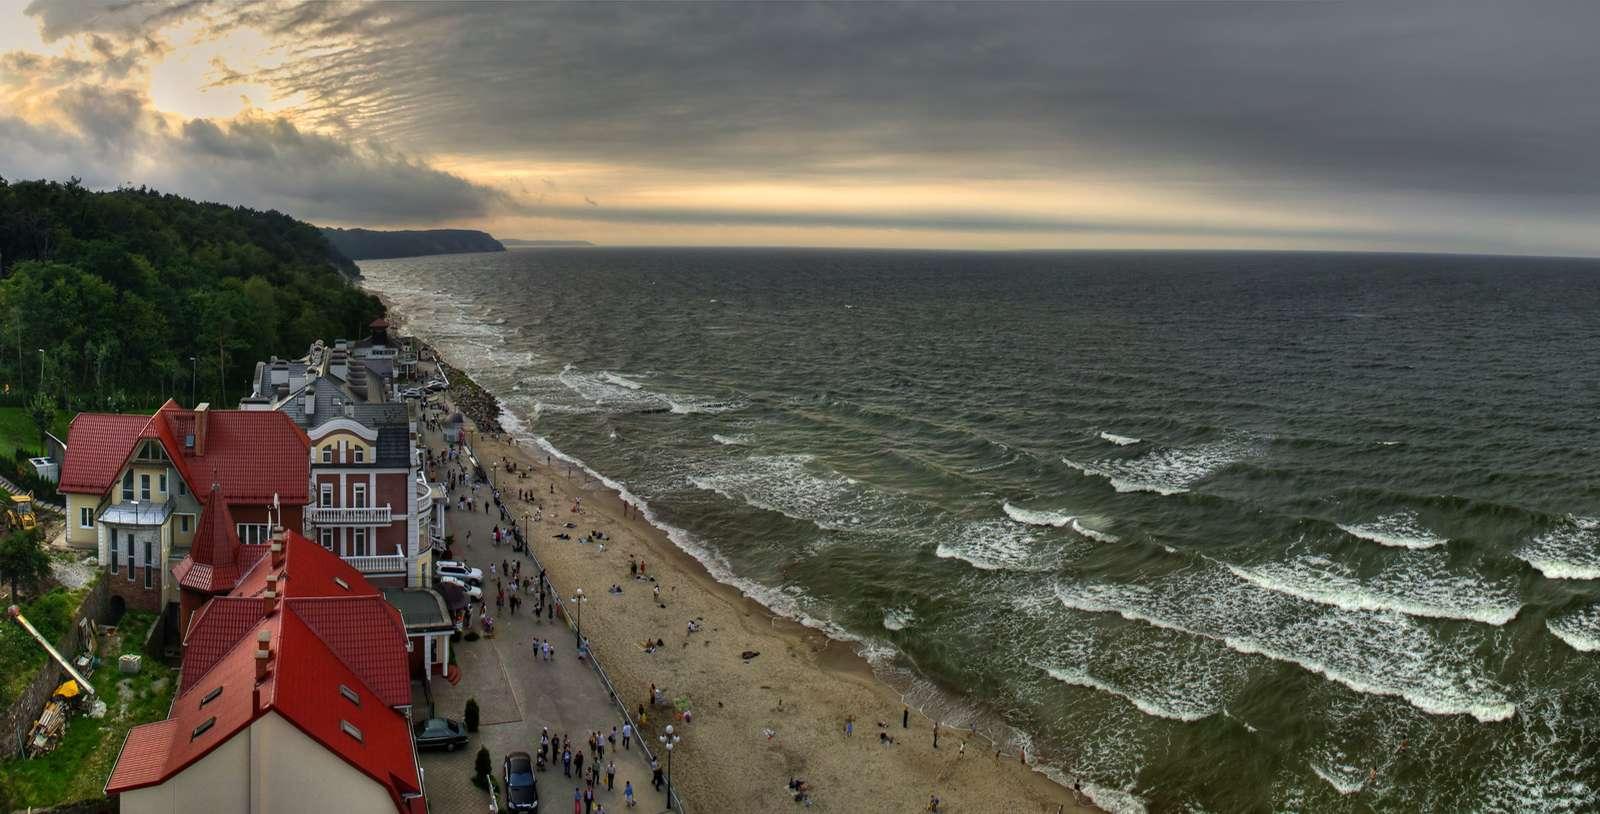 алюминиевого калининград фото моря прикольные открытки картинки